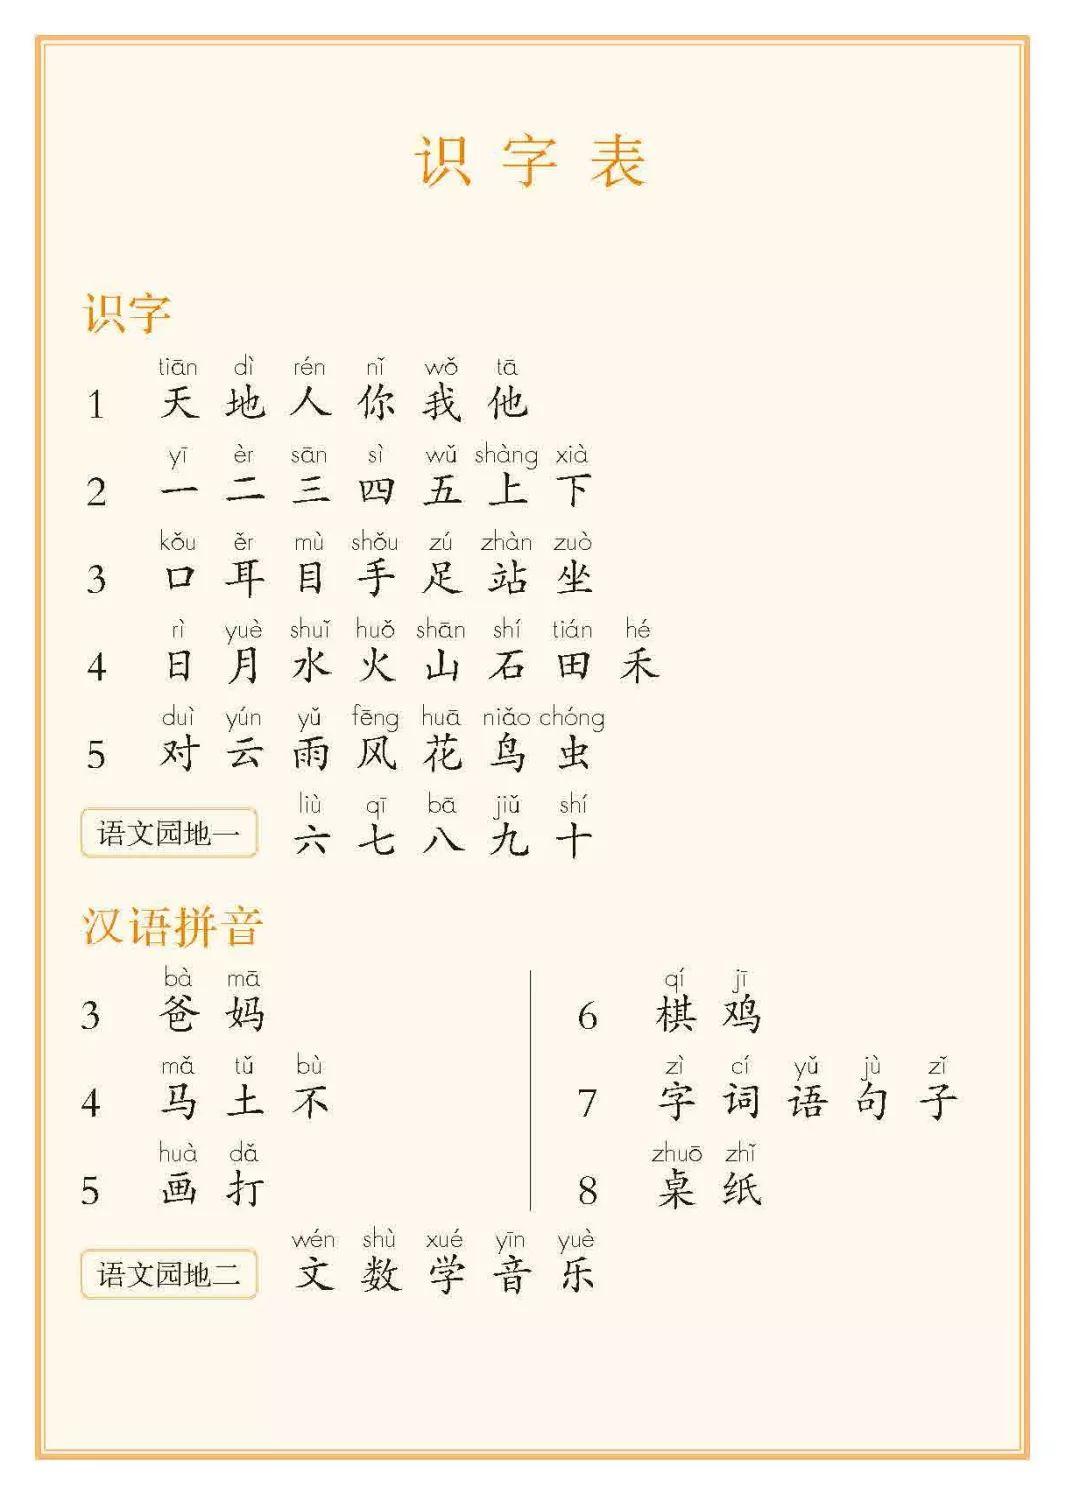 部编版1-6年级语文上册识字表、写字表生字大全(带拼音)